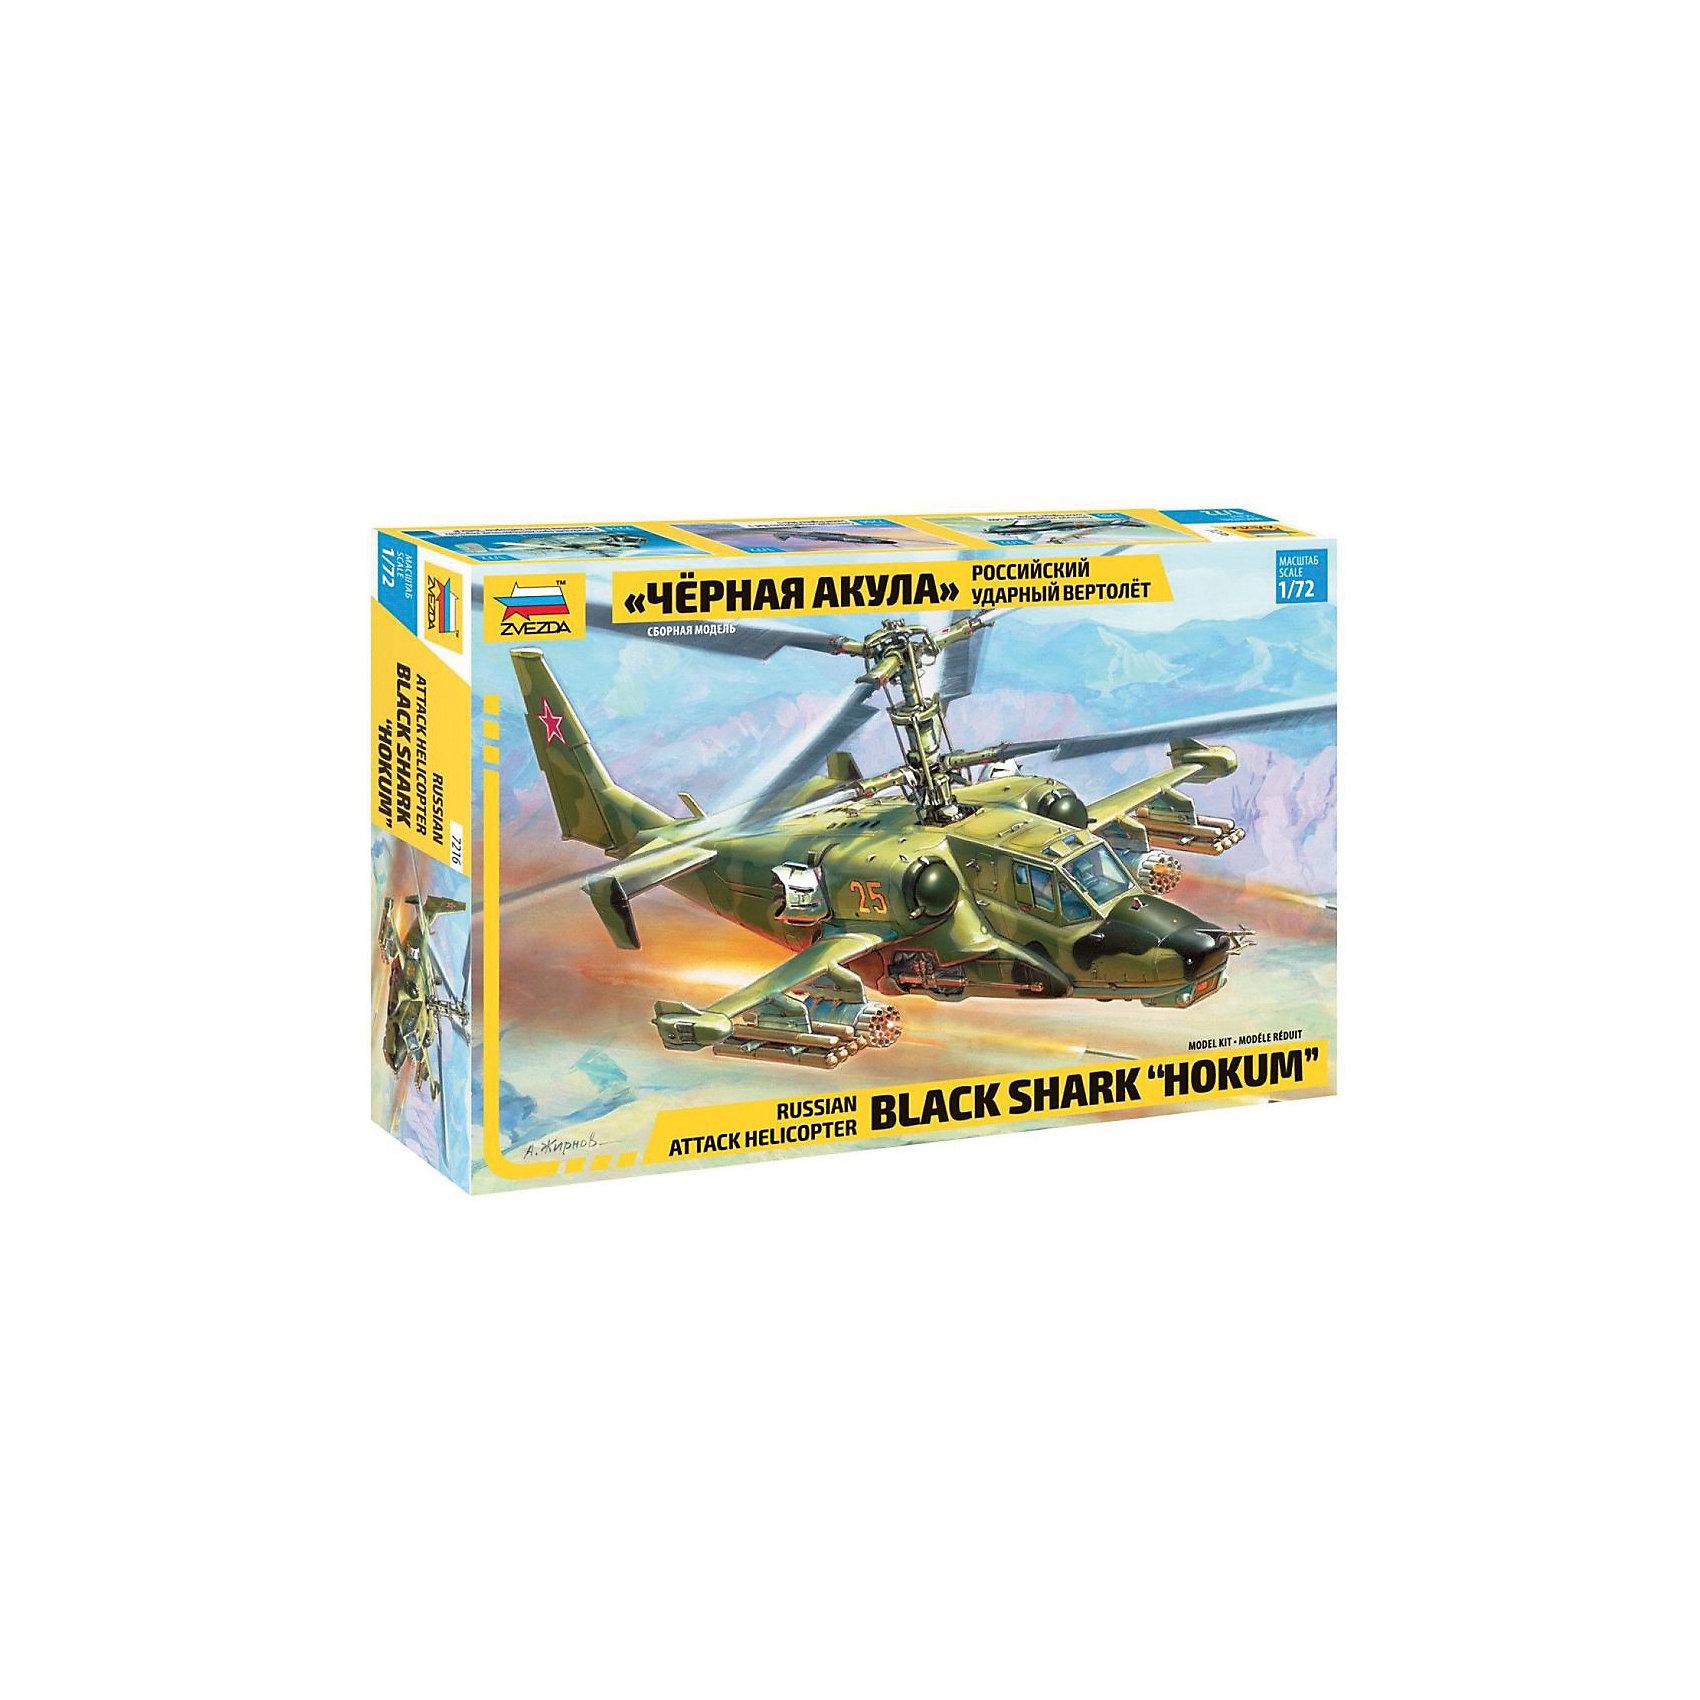 Сборная модель вертолета Ка-50 Черная акула, ЗвездаЭта Сборная модель вертолета Ка-50 Черная акула, Звезда является моделью уникального вертолета, способного бороться как с наземными, так и с воздушными целями. «Черная акула» – это хорошо бронированная машина, управляемая одним человеком. Применение соосной схемы расположения винтов дает вертолету отличную маневренность, позволяя ему перемещаться боком, лететь назад, практически мгновенно менять направление движения.<br><br>В дополнение к сборной модели необходимы клей и краска. Подробная инструкция обеспечит точность и правильность сборки. Ответственная миссия предстоит будущему пилоту собрать свой первый вертолет своими руками!<br><br>Особенности:<br>-Количество деталей: 56<br>-Качество изготовления наивысшее<br>-Идеально подходит для подарка<br>-Прививает практические навыки работы со схемами и чертежами<br>-Развивает интеллектуальные способности, воображение и конструктивное мышление, мелкую моторику, усидчивость, внимание<br><br>Дополнительная информация:<br>-Материал: пластик <br>-Размер готовой модели: 21 см<br>-Клей и краски в комплект набора не входят<br>-Комплектация: 145 шт. деталей, инструкция, декаль<br><br>Высокотехничные боевые самолеты и летные машины высшего пилотажа – это украшение любой современной армии! В том числе – игрушечной. Эта модель вертолета несомненно украсит собой серьезную коллекцию истинного любителя! <br><br>Сборную модель вертолета Ка-50 Черная акула, Звезда можно купить в нашем магазине.<br><br>Ширина мм: 345<br>Глубина мм: 60<br>Высота мм: 242<br>Вес г: 210<br>Возраст от месяцев: 36<br>Возраст до месяцев: 168<br>Пол: Мужской<br>Возраст: Детский<br>SKU: 3676478